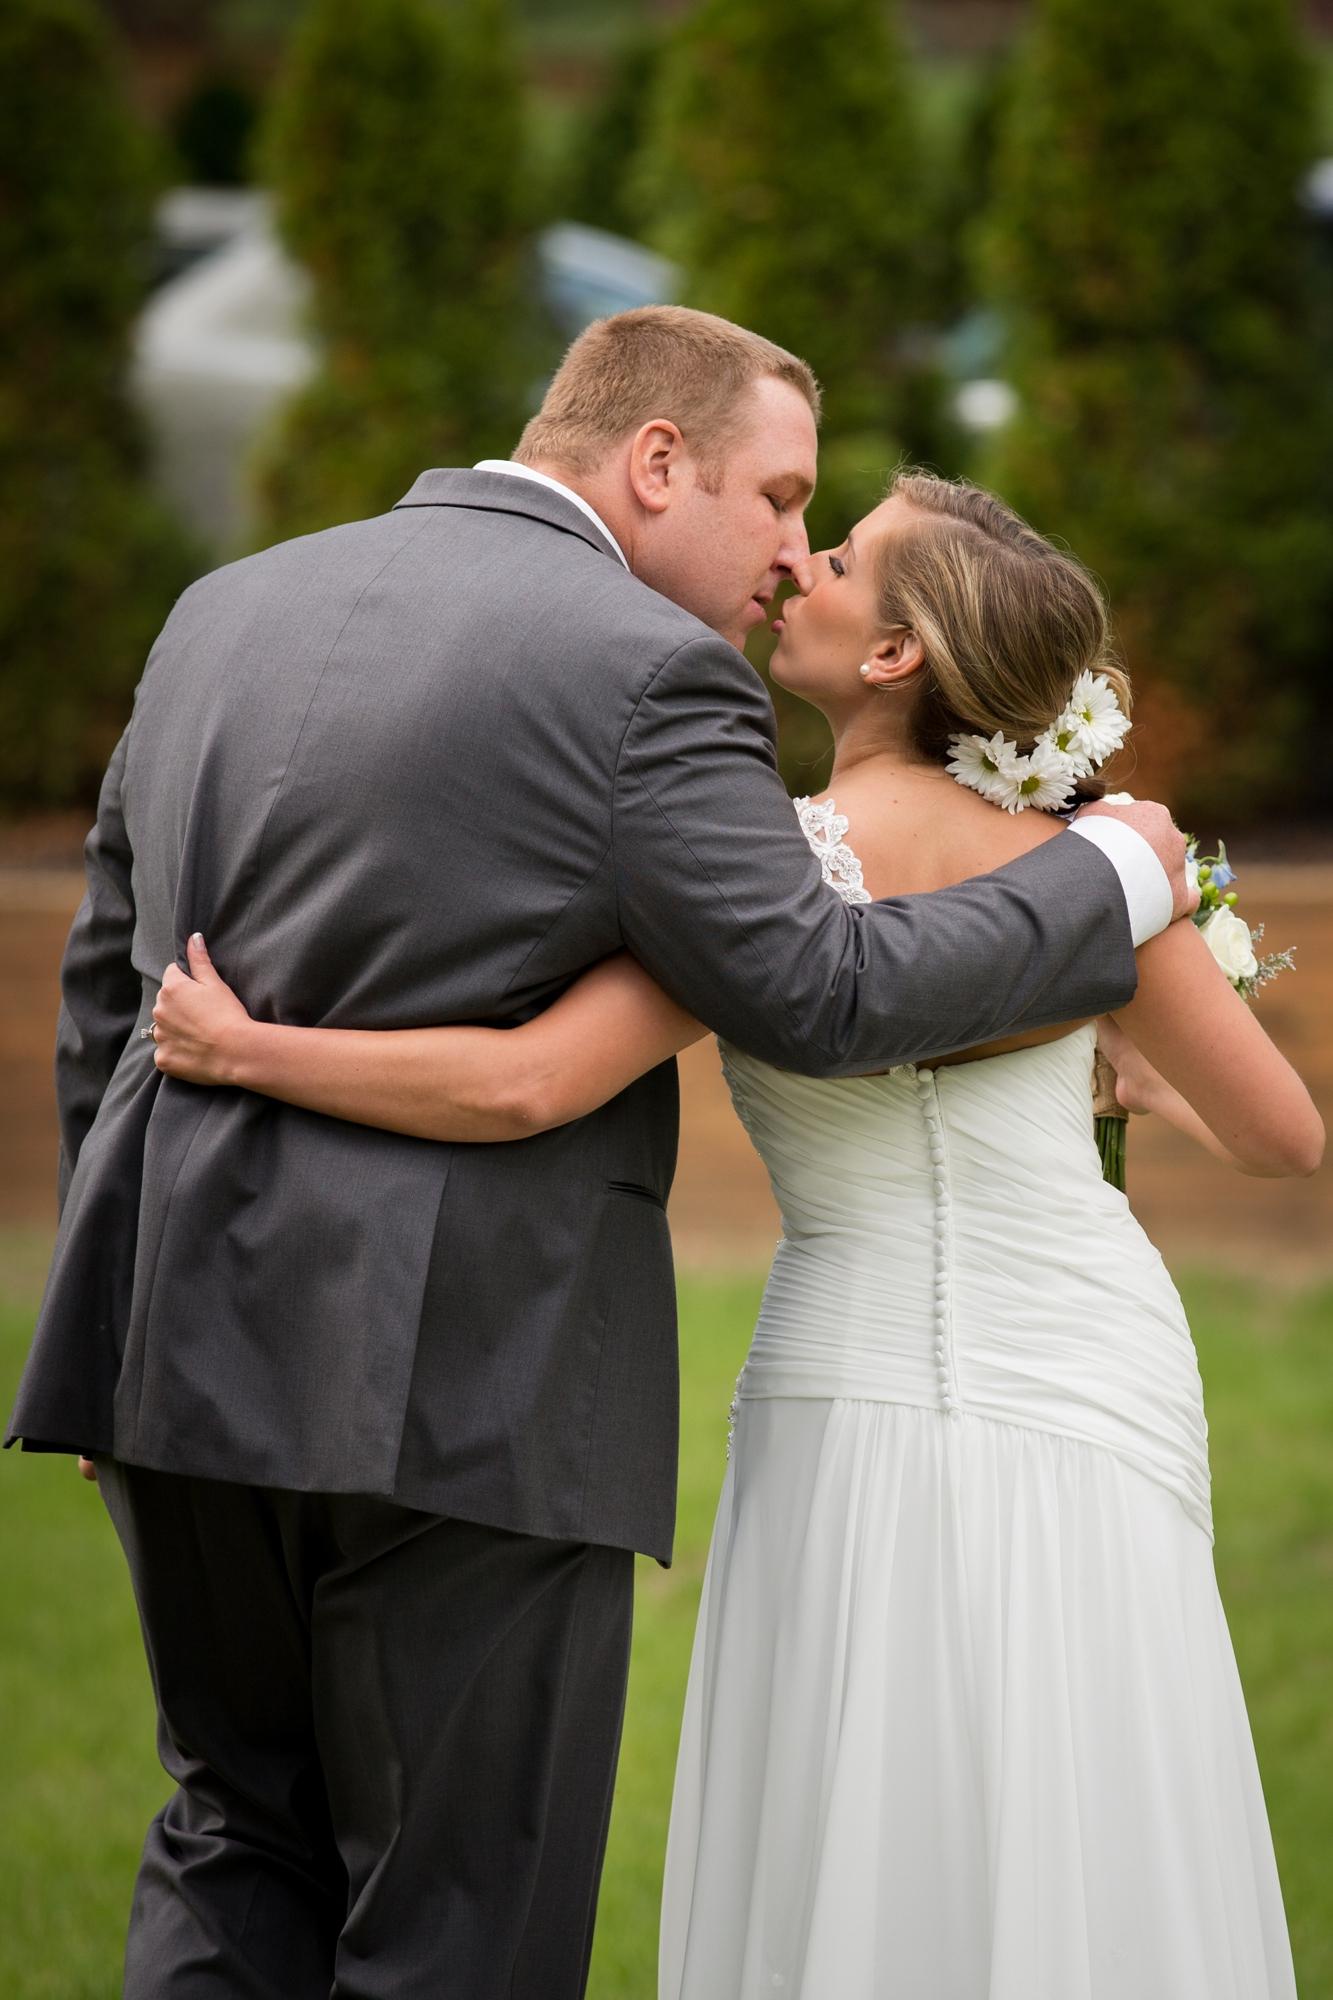 Albany NY Wedding Photographer Justin Tibbitts Photography 2014 Best of Albany NY Weddings-4864328361